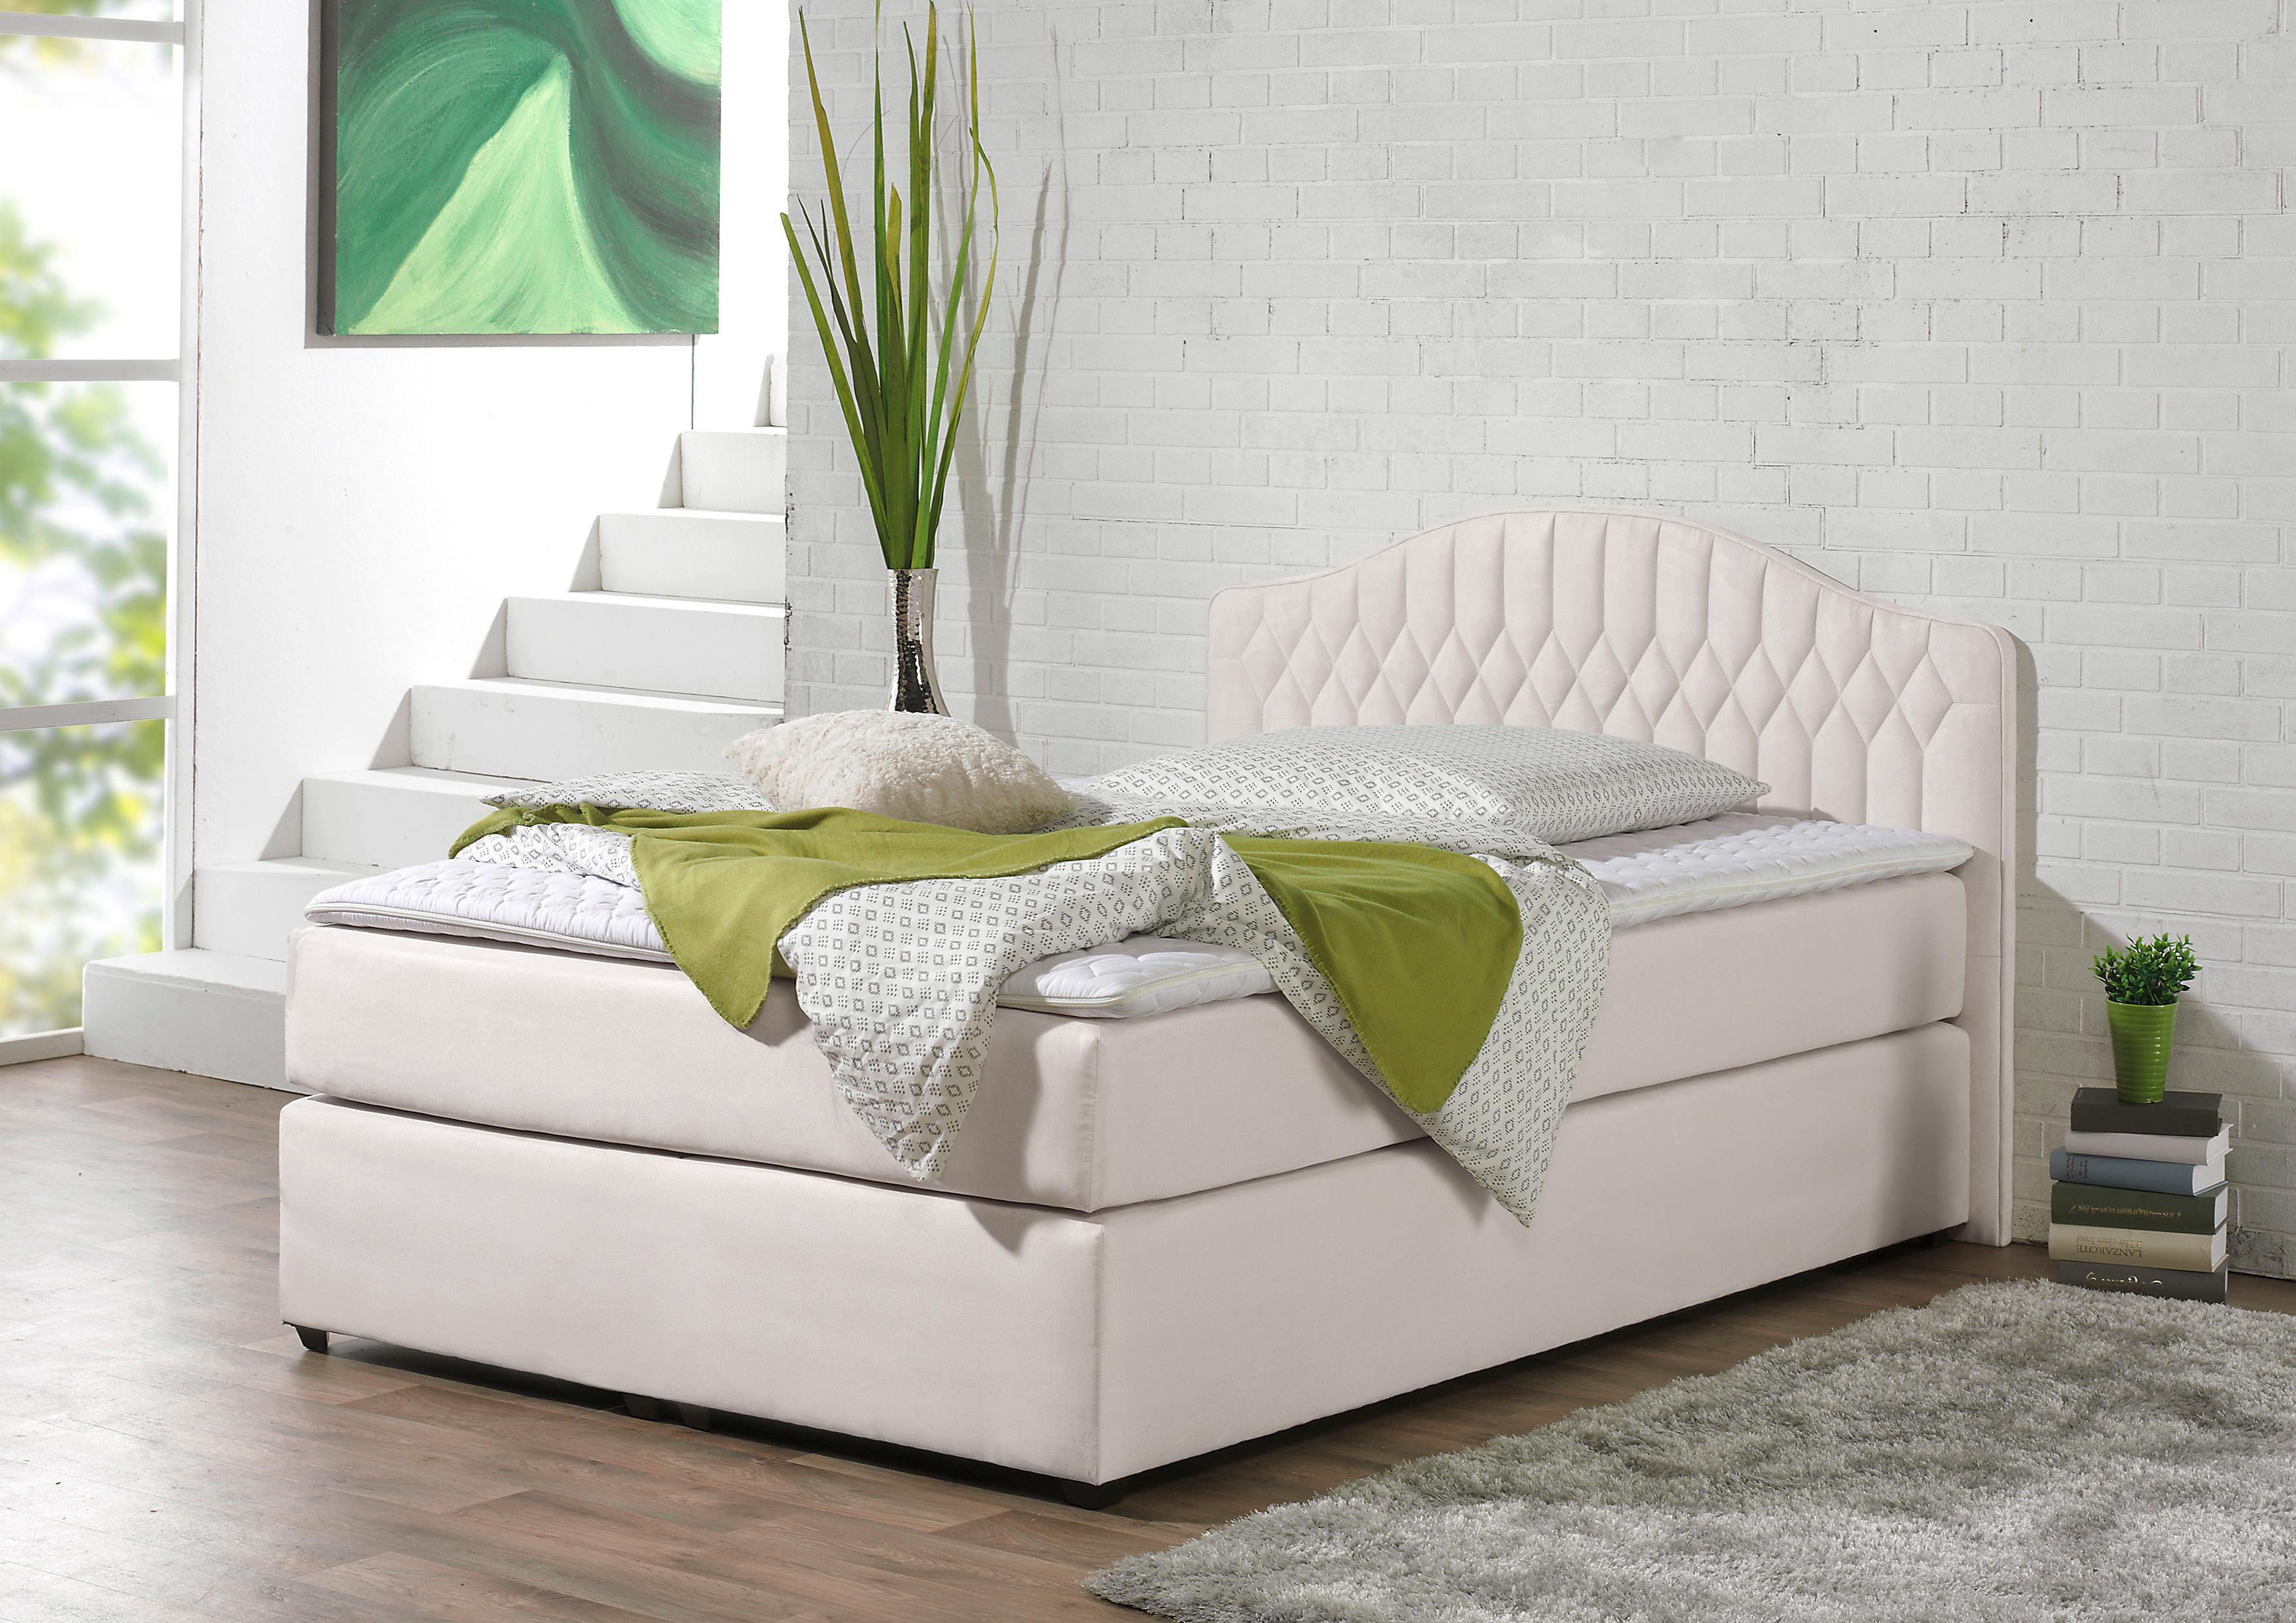 Maintal Boxspringbett in diversen Ausführungen | Schlafzimmer > Betten > Boxspringbetten | MAINTAL